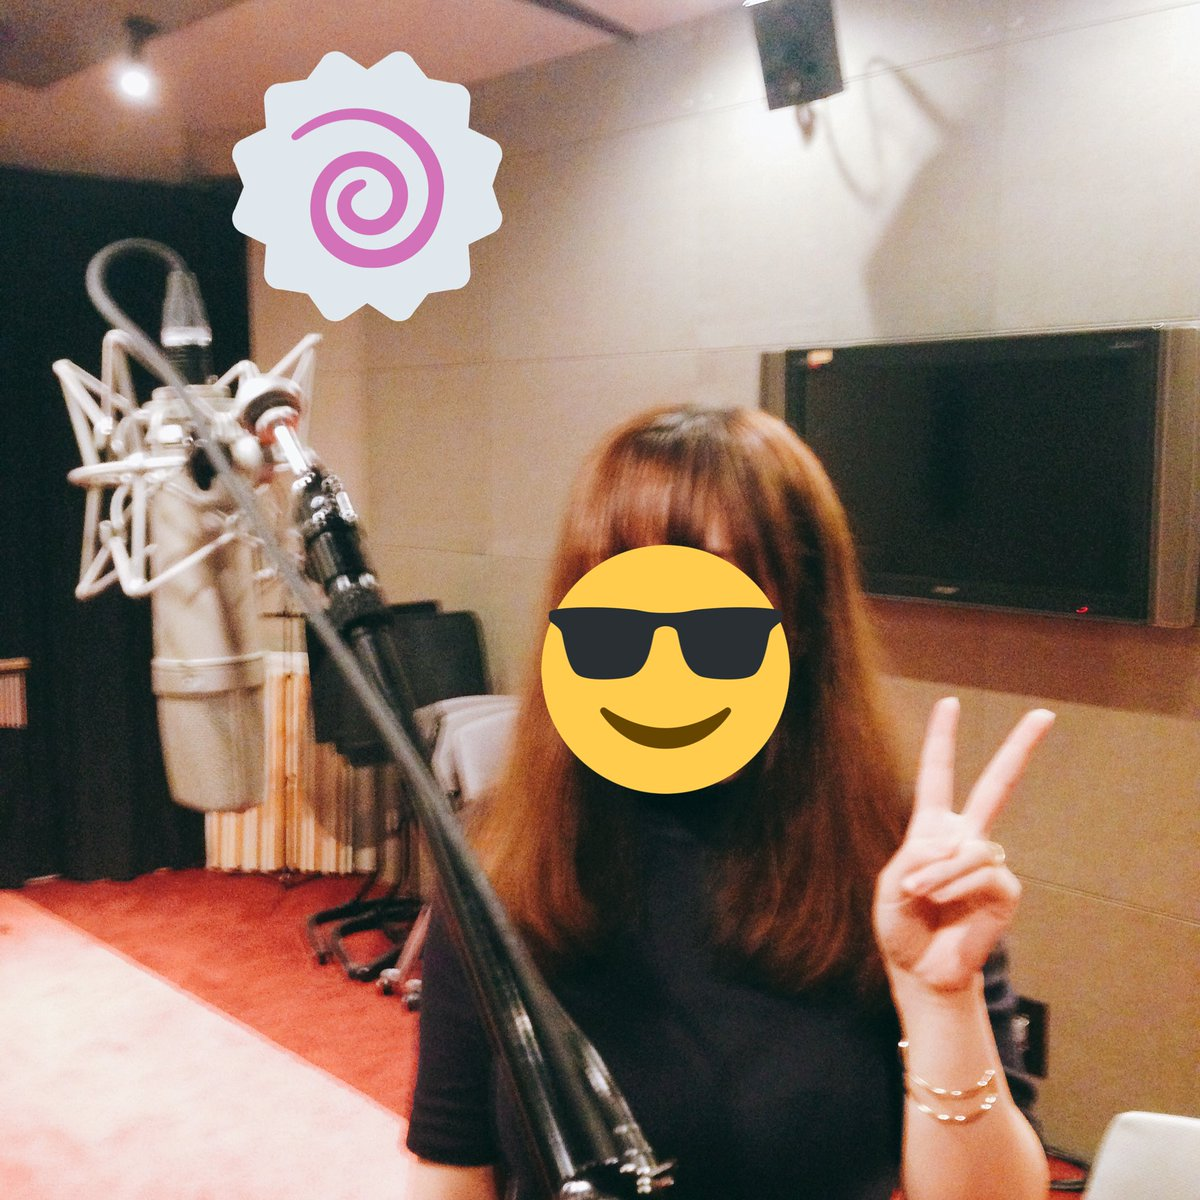 きょうは東京のナムコさんのスタジオにて太鼓の達人の歌の収録でした